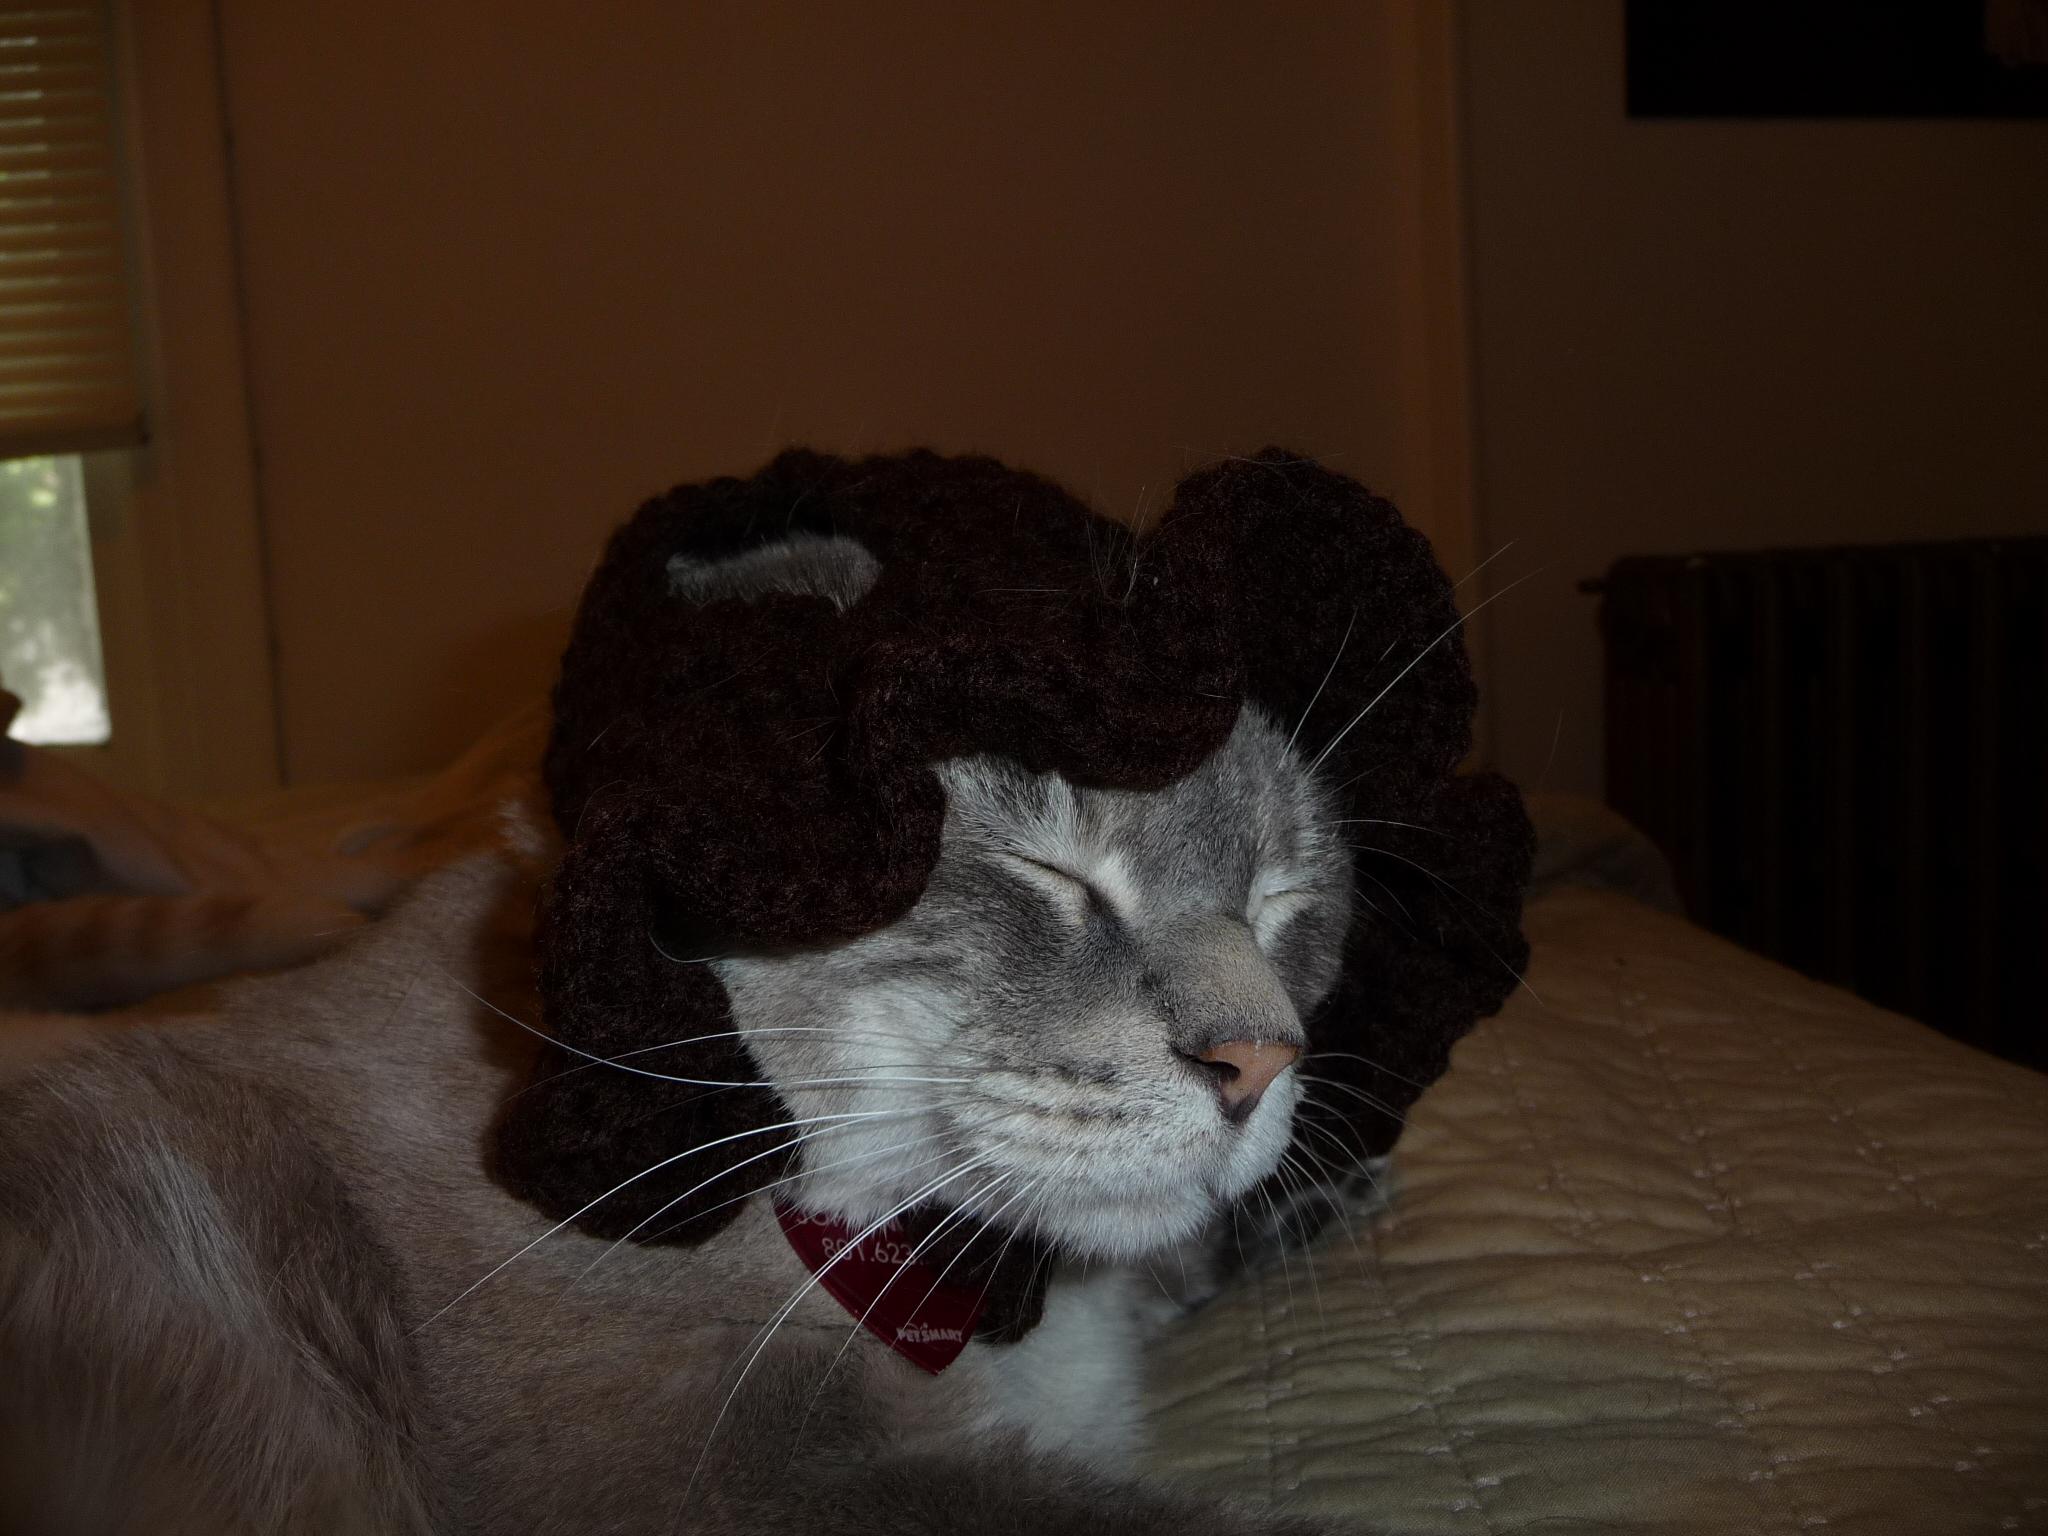 Skimbleshanks and bonnet